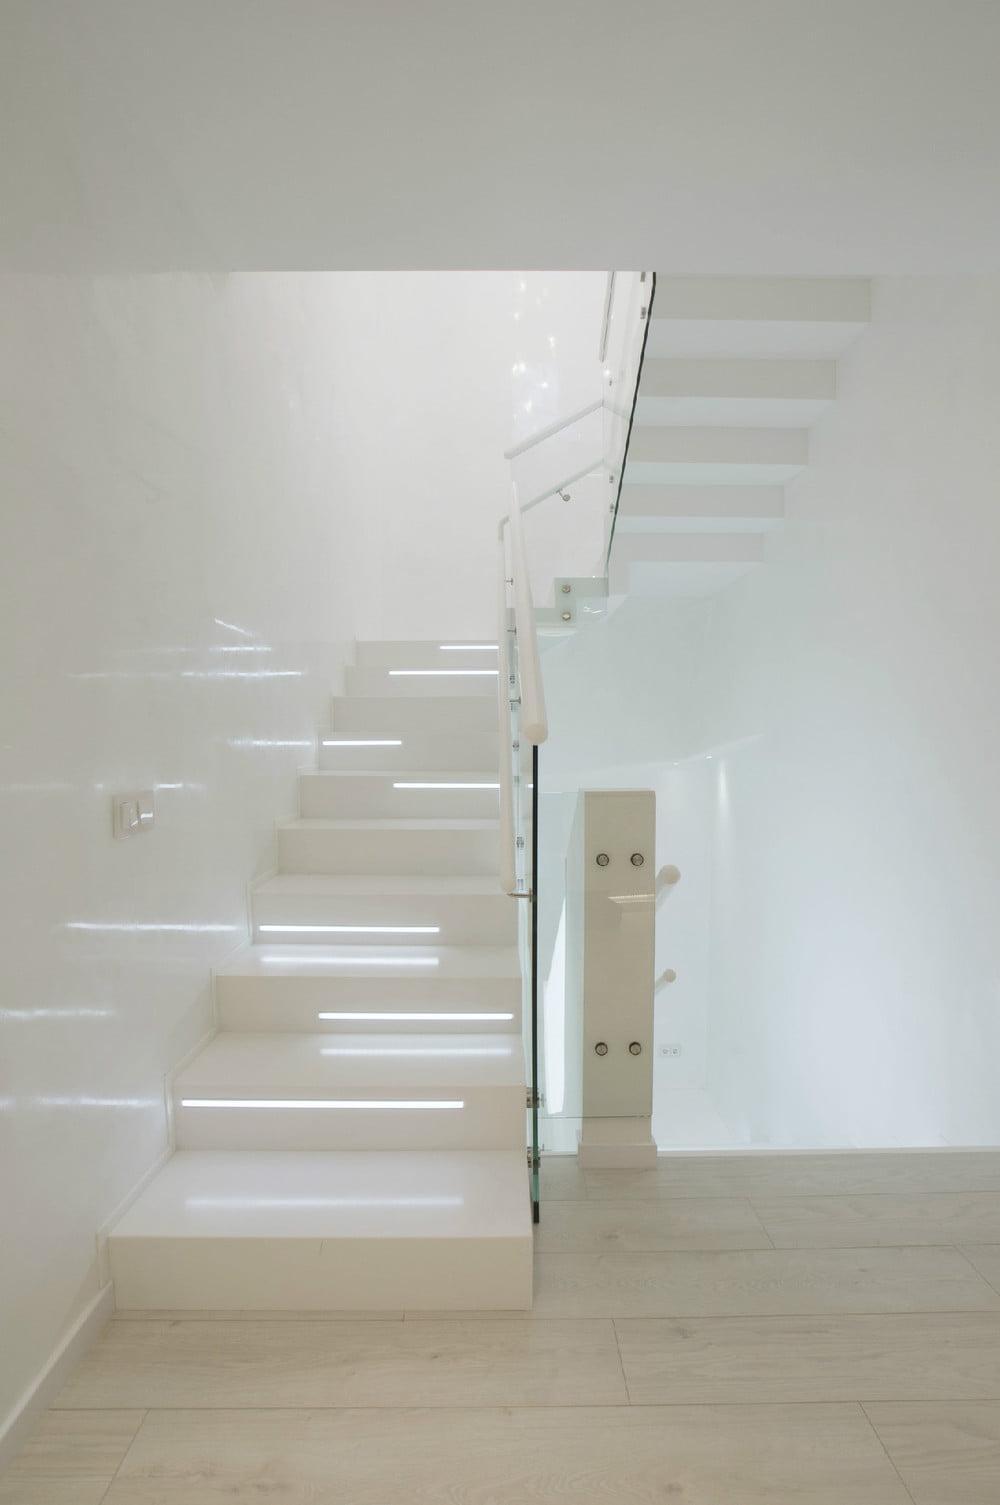 Los contrapasos de las escaleras están retro iluminados, ademas tiene vidrio laminado como protección bajo la baranda